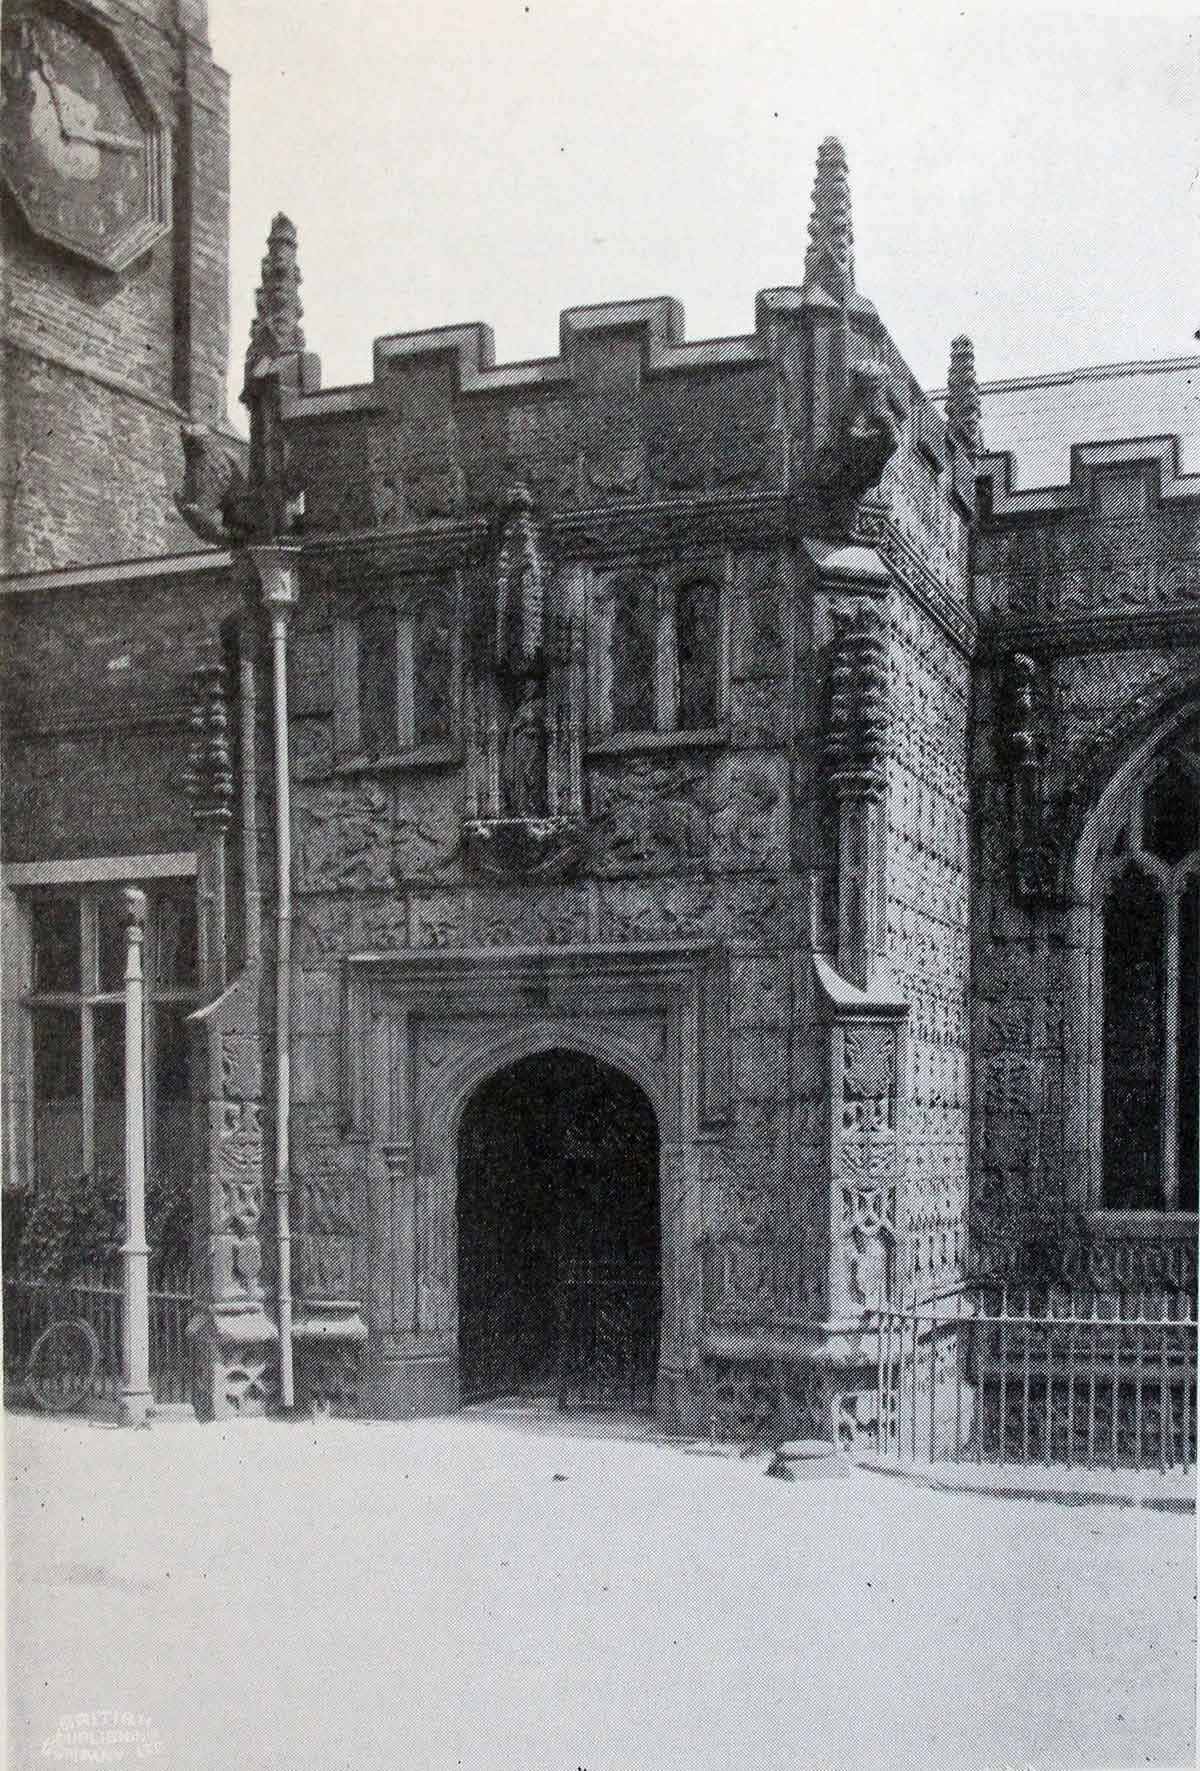 st-marys-church-south-door